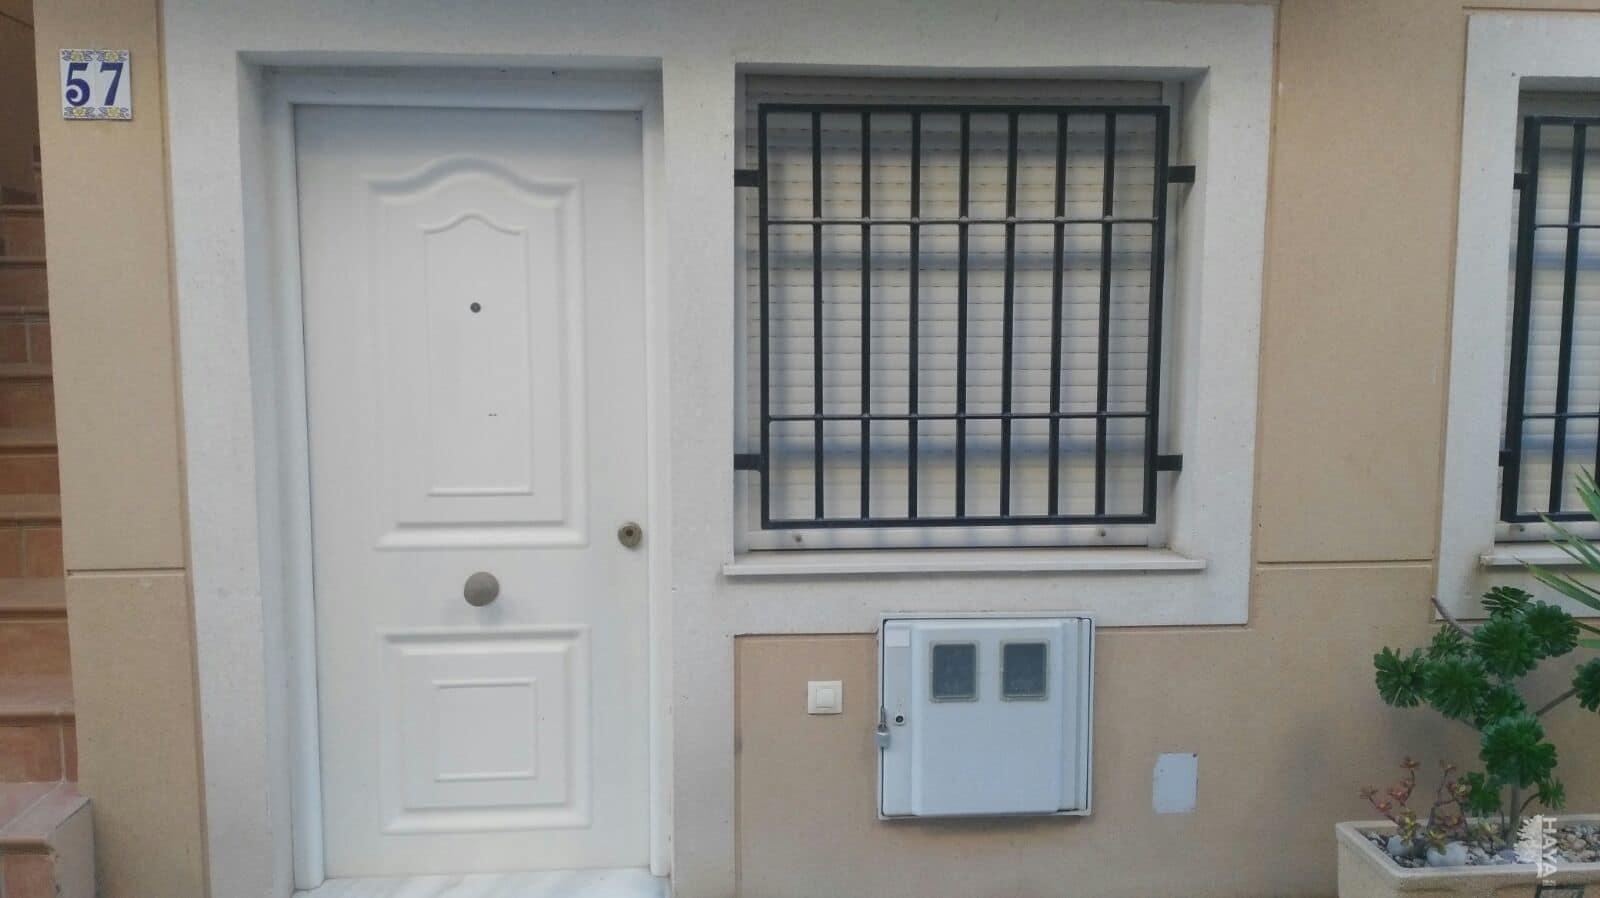 Piso en venta en Cuevas del Almanzora, Almería, Calle El Secano, 81.200 €, 2 habitaciones, 1 baño, 62 m2